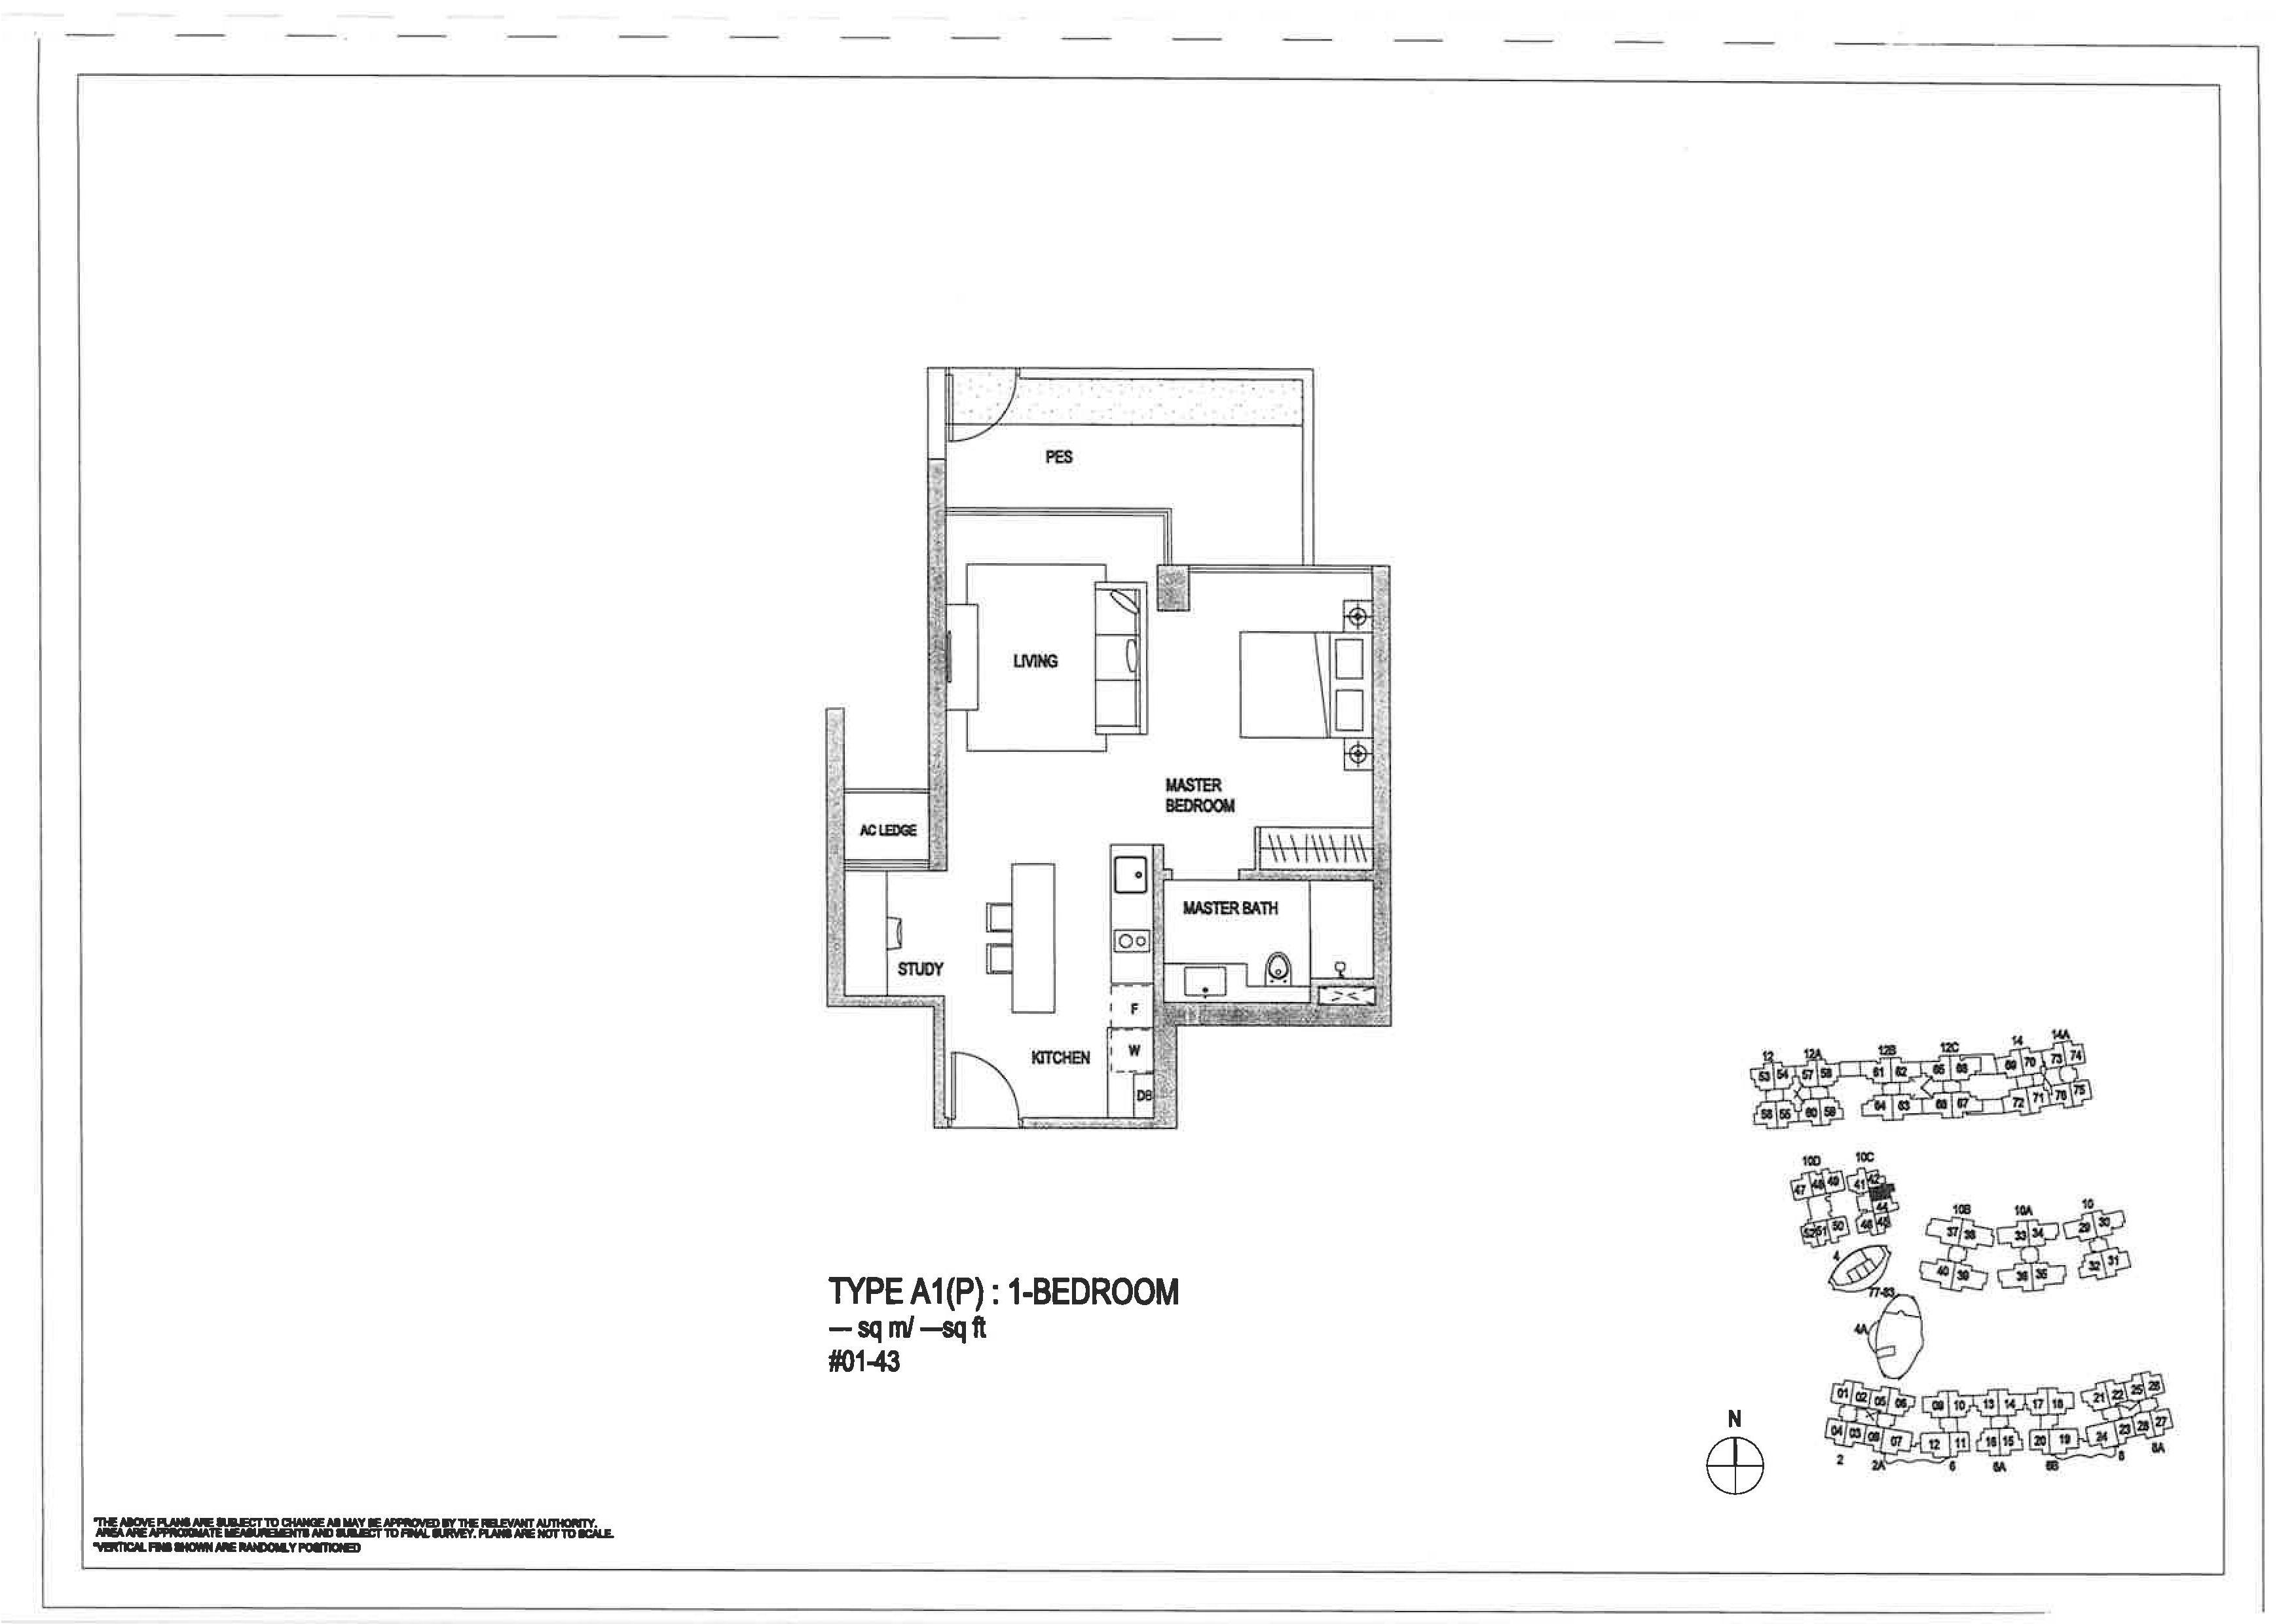 The Minton 1 Bedroom Floor Plans Type A1(P)